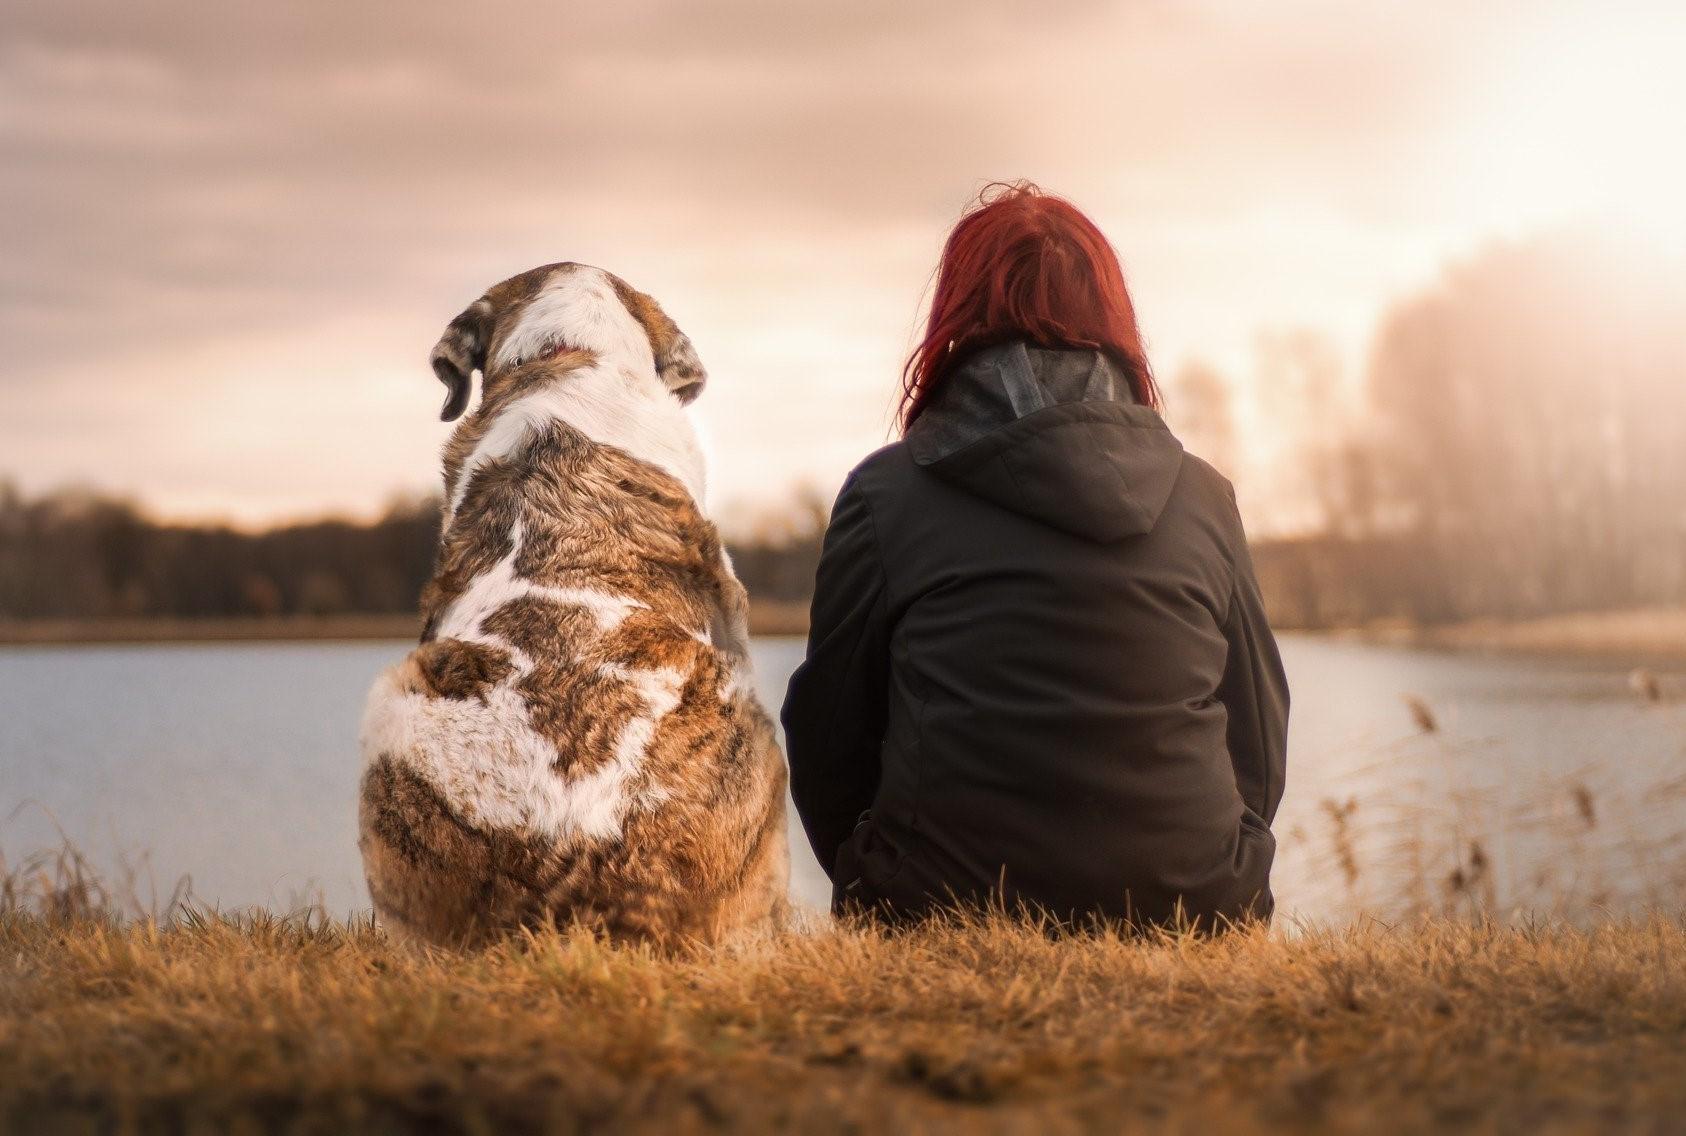 Hunde und Menschen verbindet eine besondere Beziehung. Doch wann begann die Domestikation?